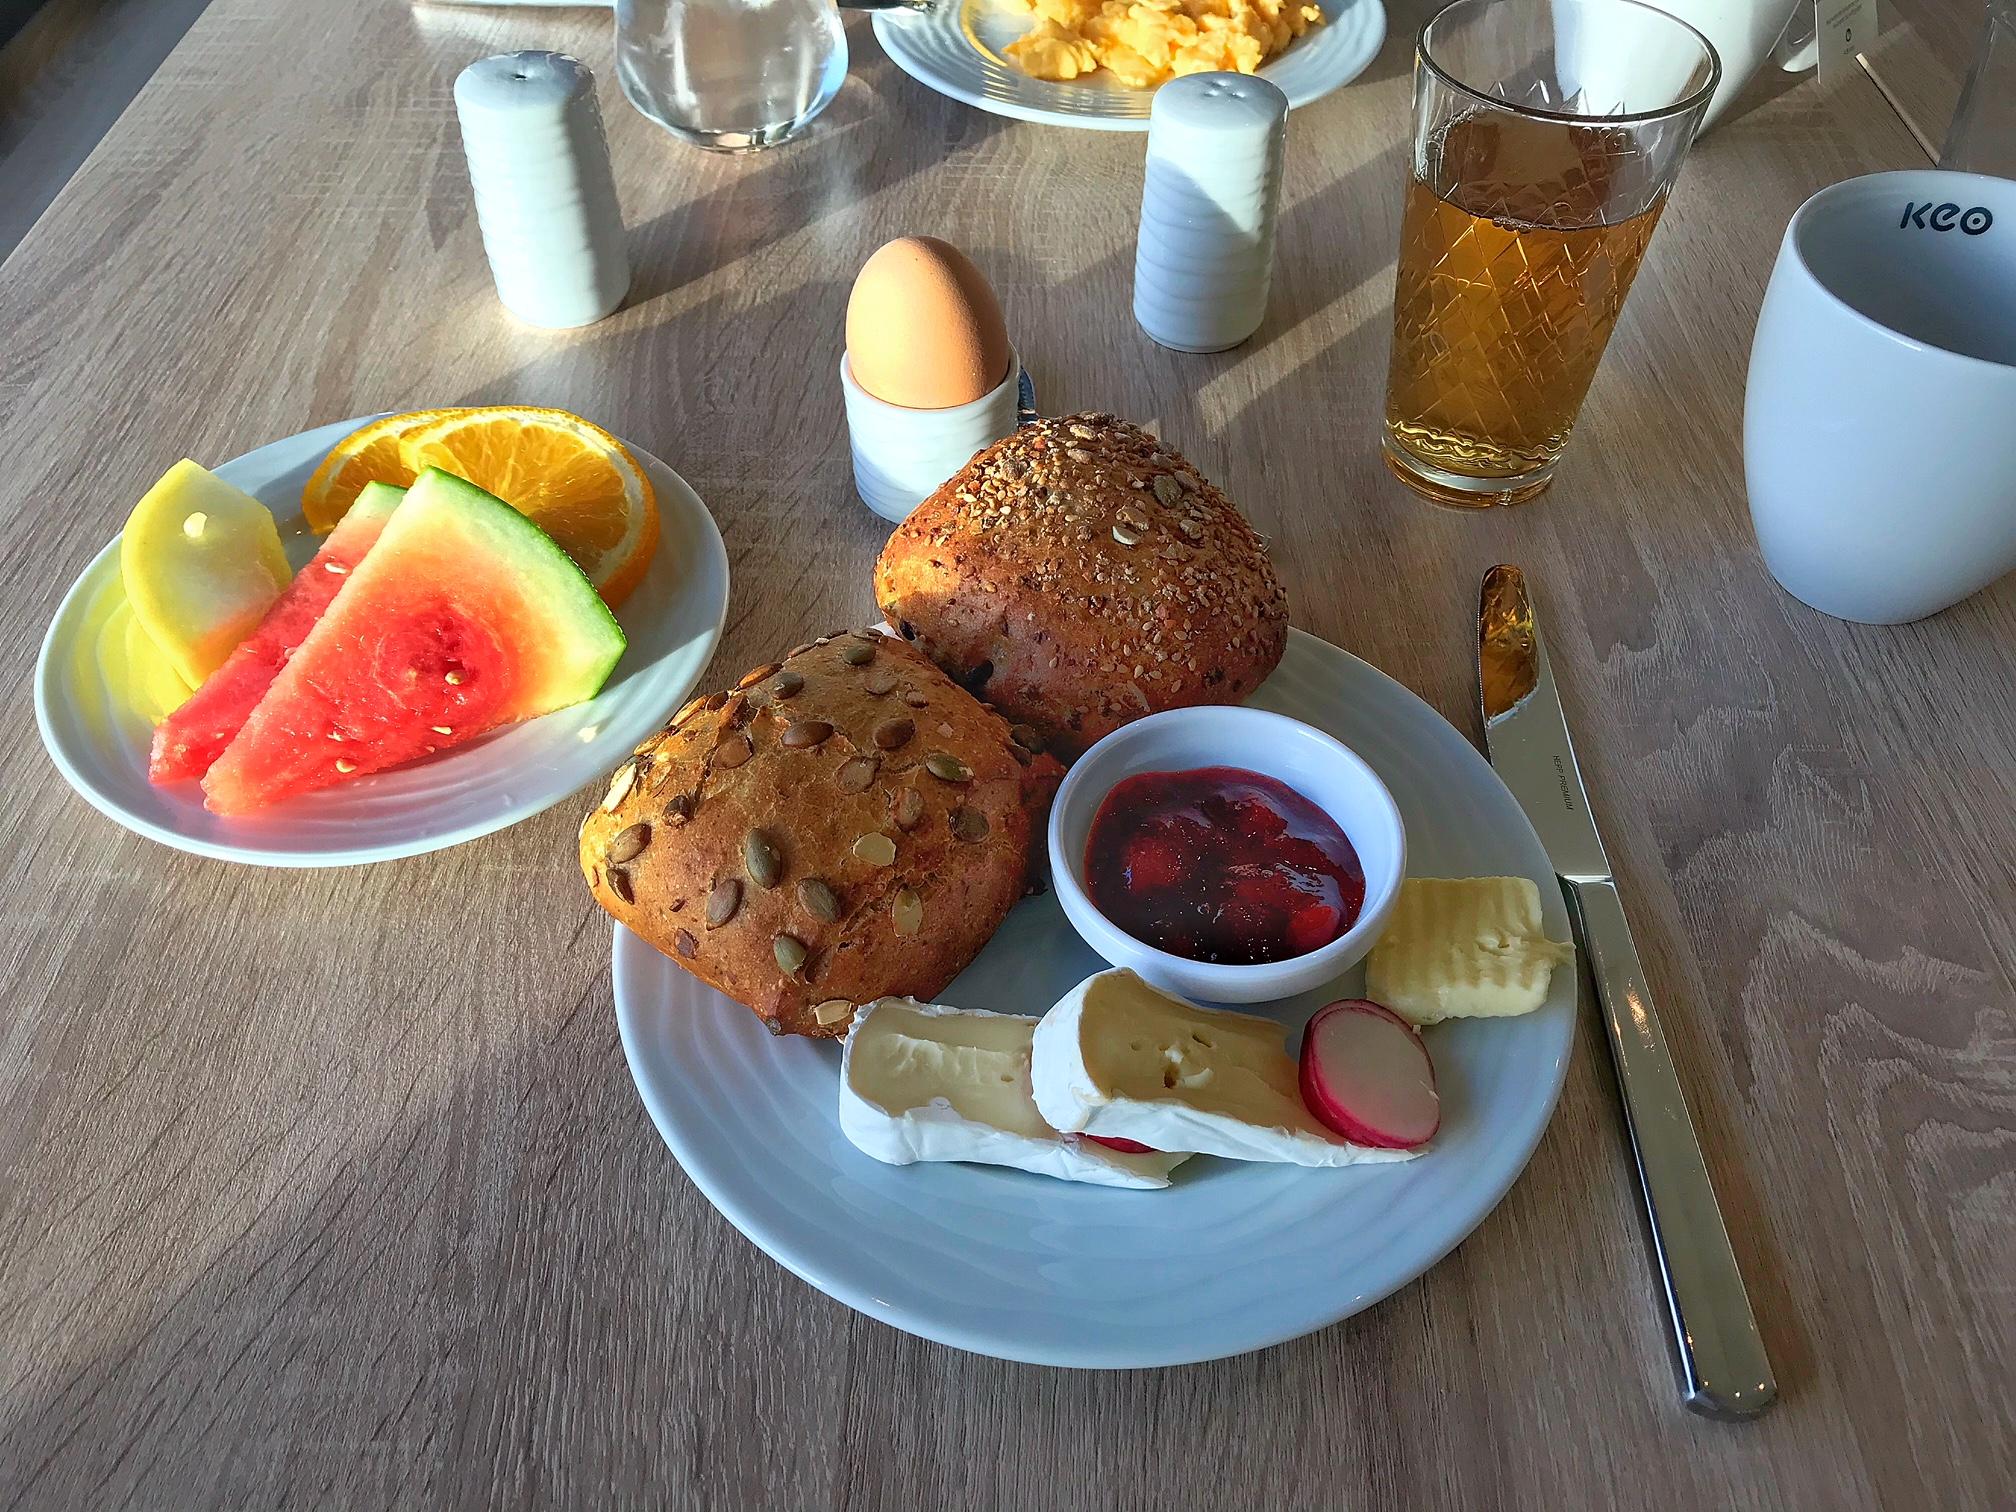 Frühstück im Hotel in Pelzerhaken